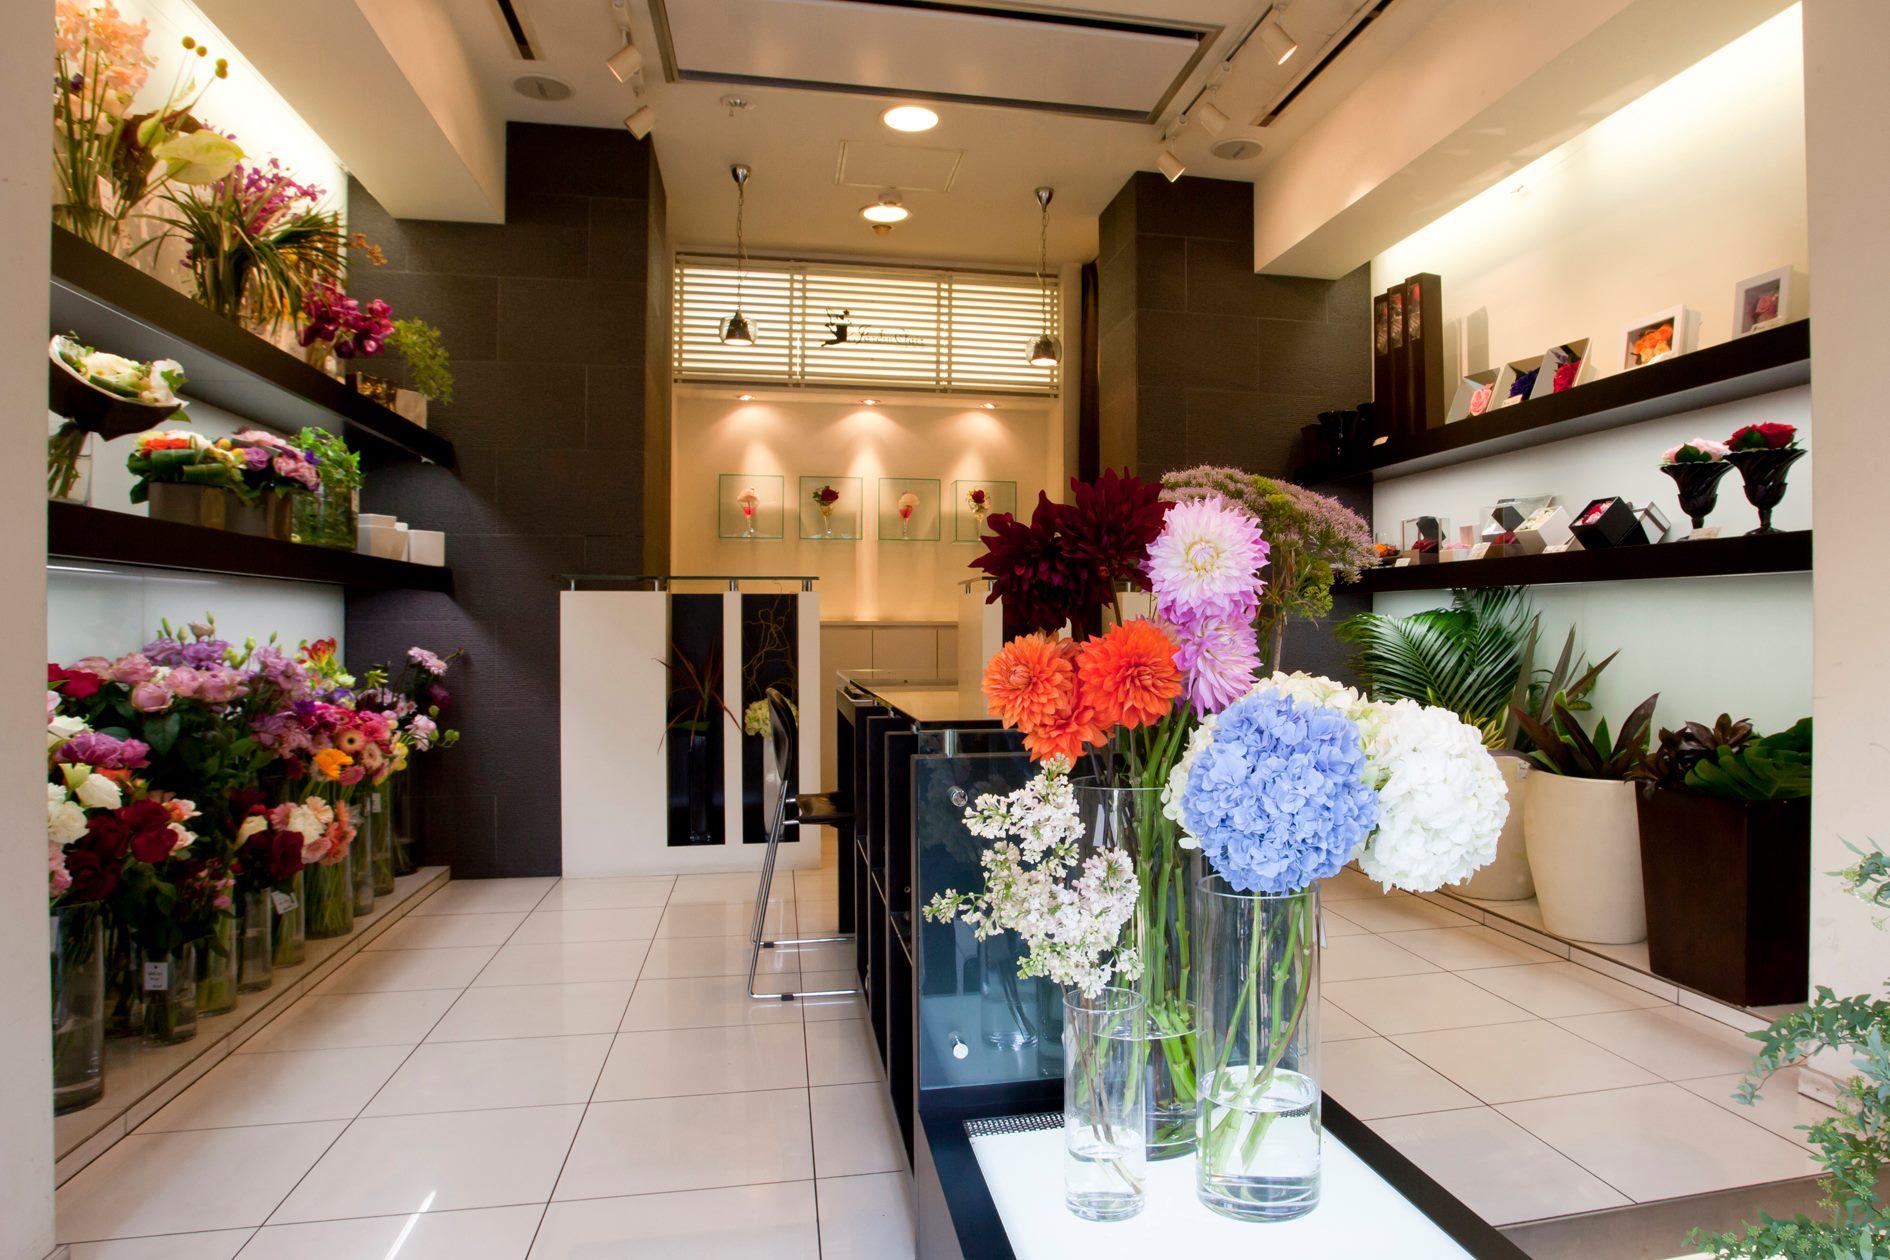 フラワーショップ「Jardin Clair(ジャルダン・クレール)」の店内の写真